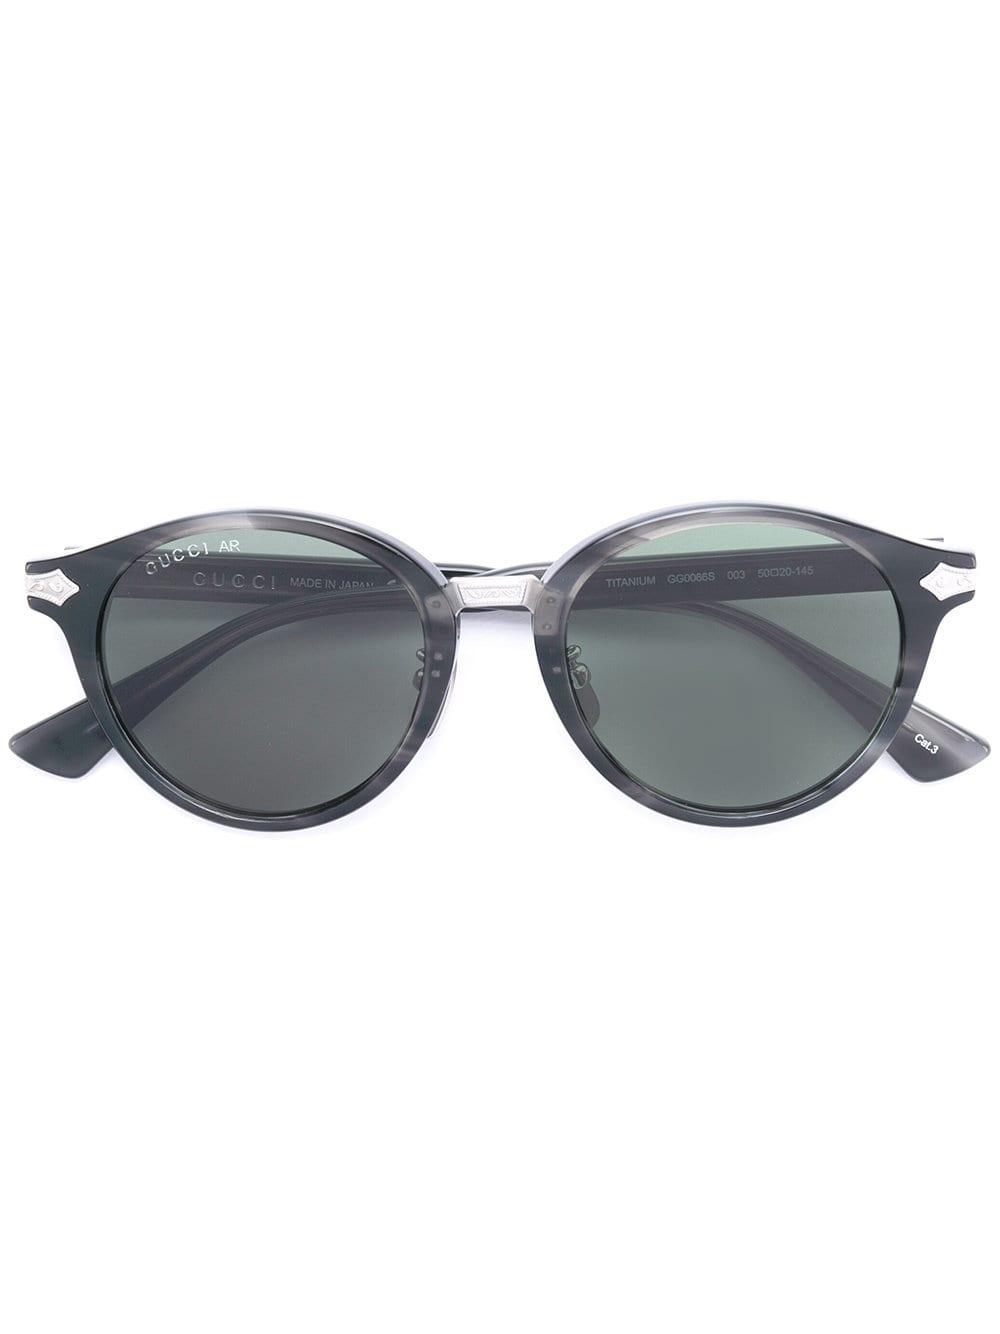 7330903c5c Eyewear gafas de sol con montura redonda - verde